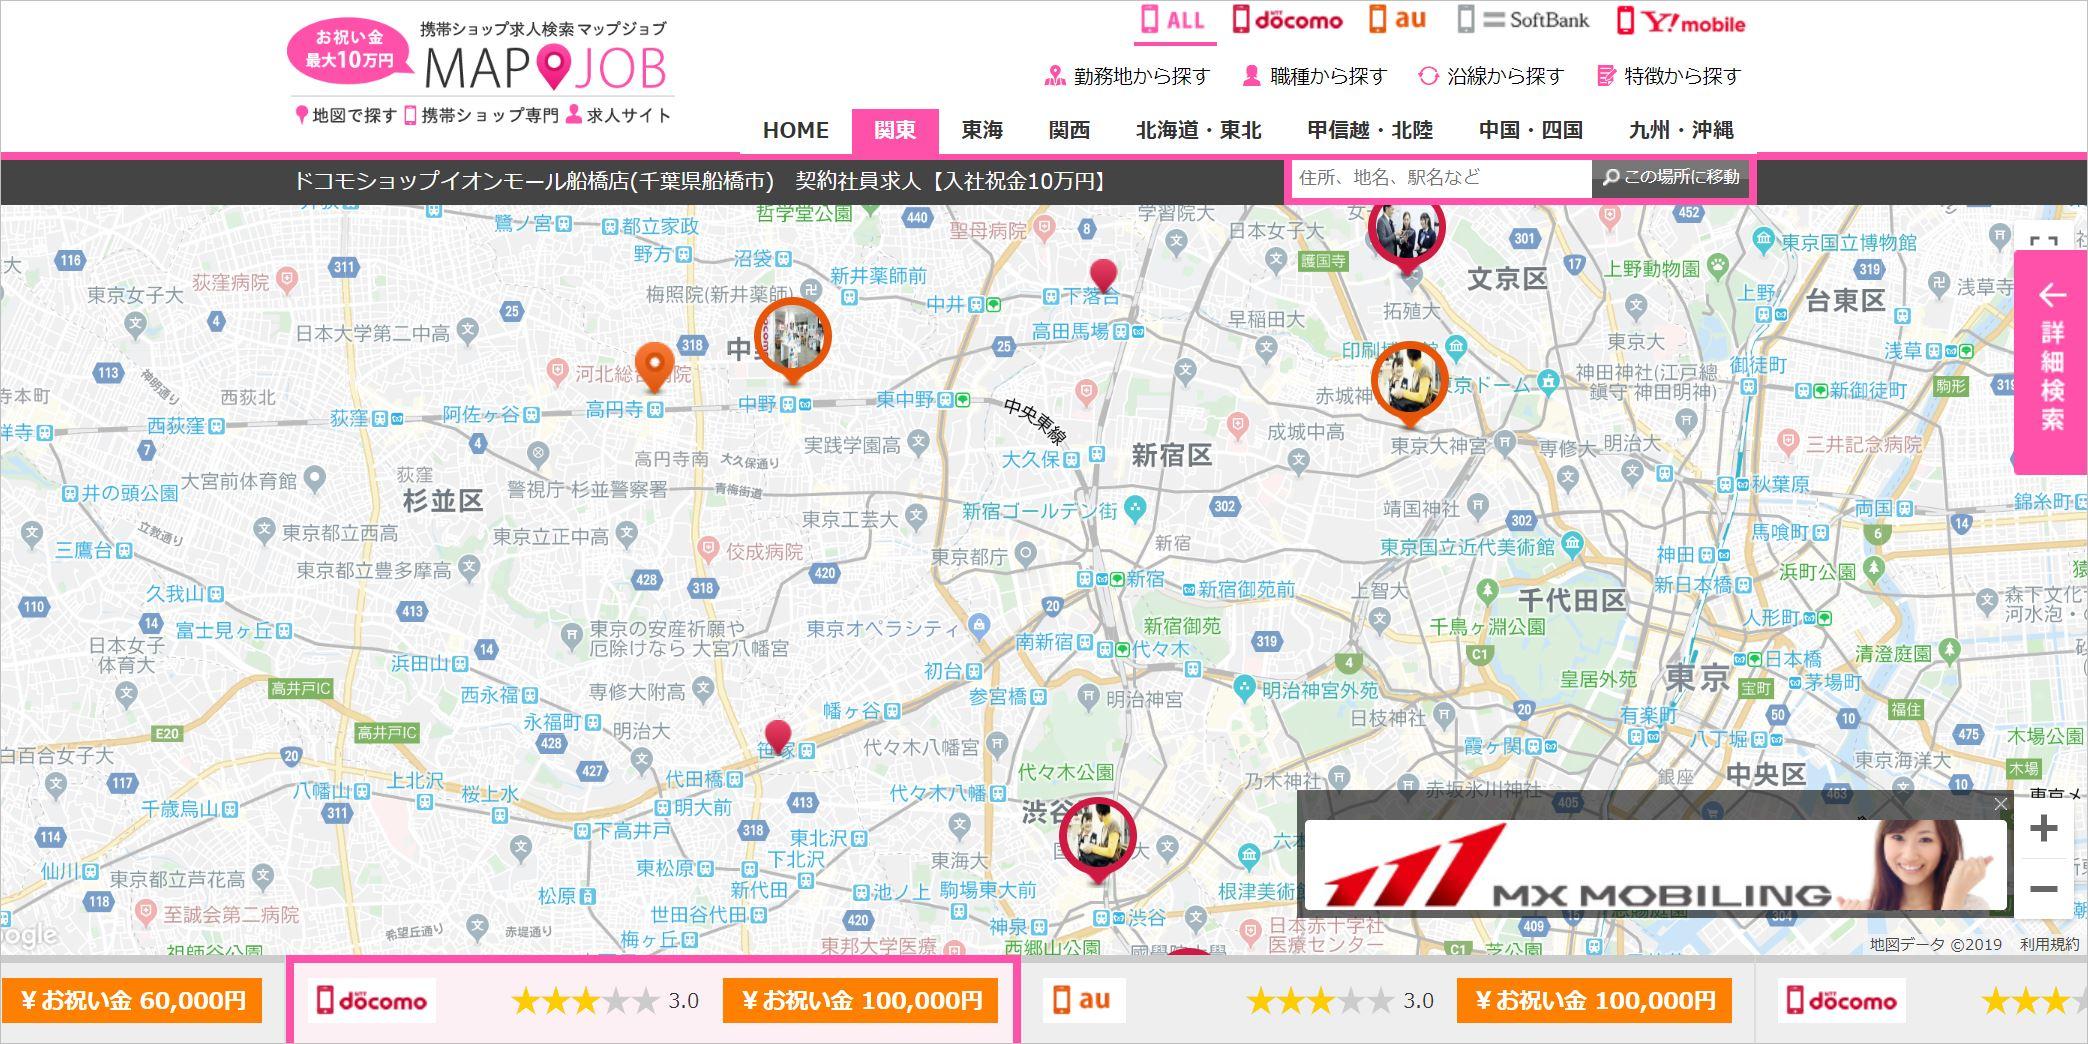 mapjobのトップ画面